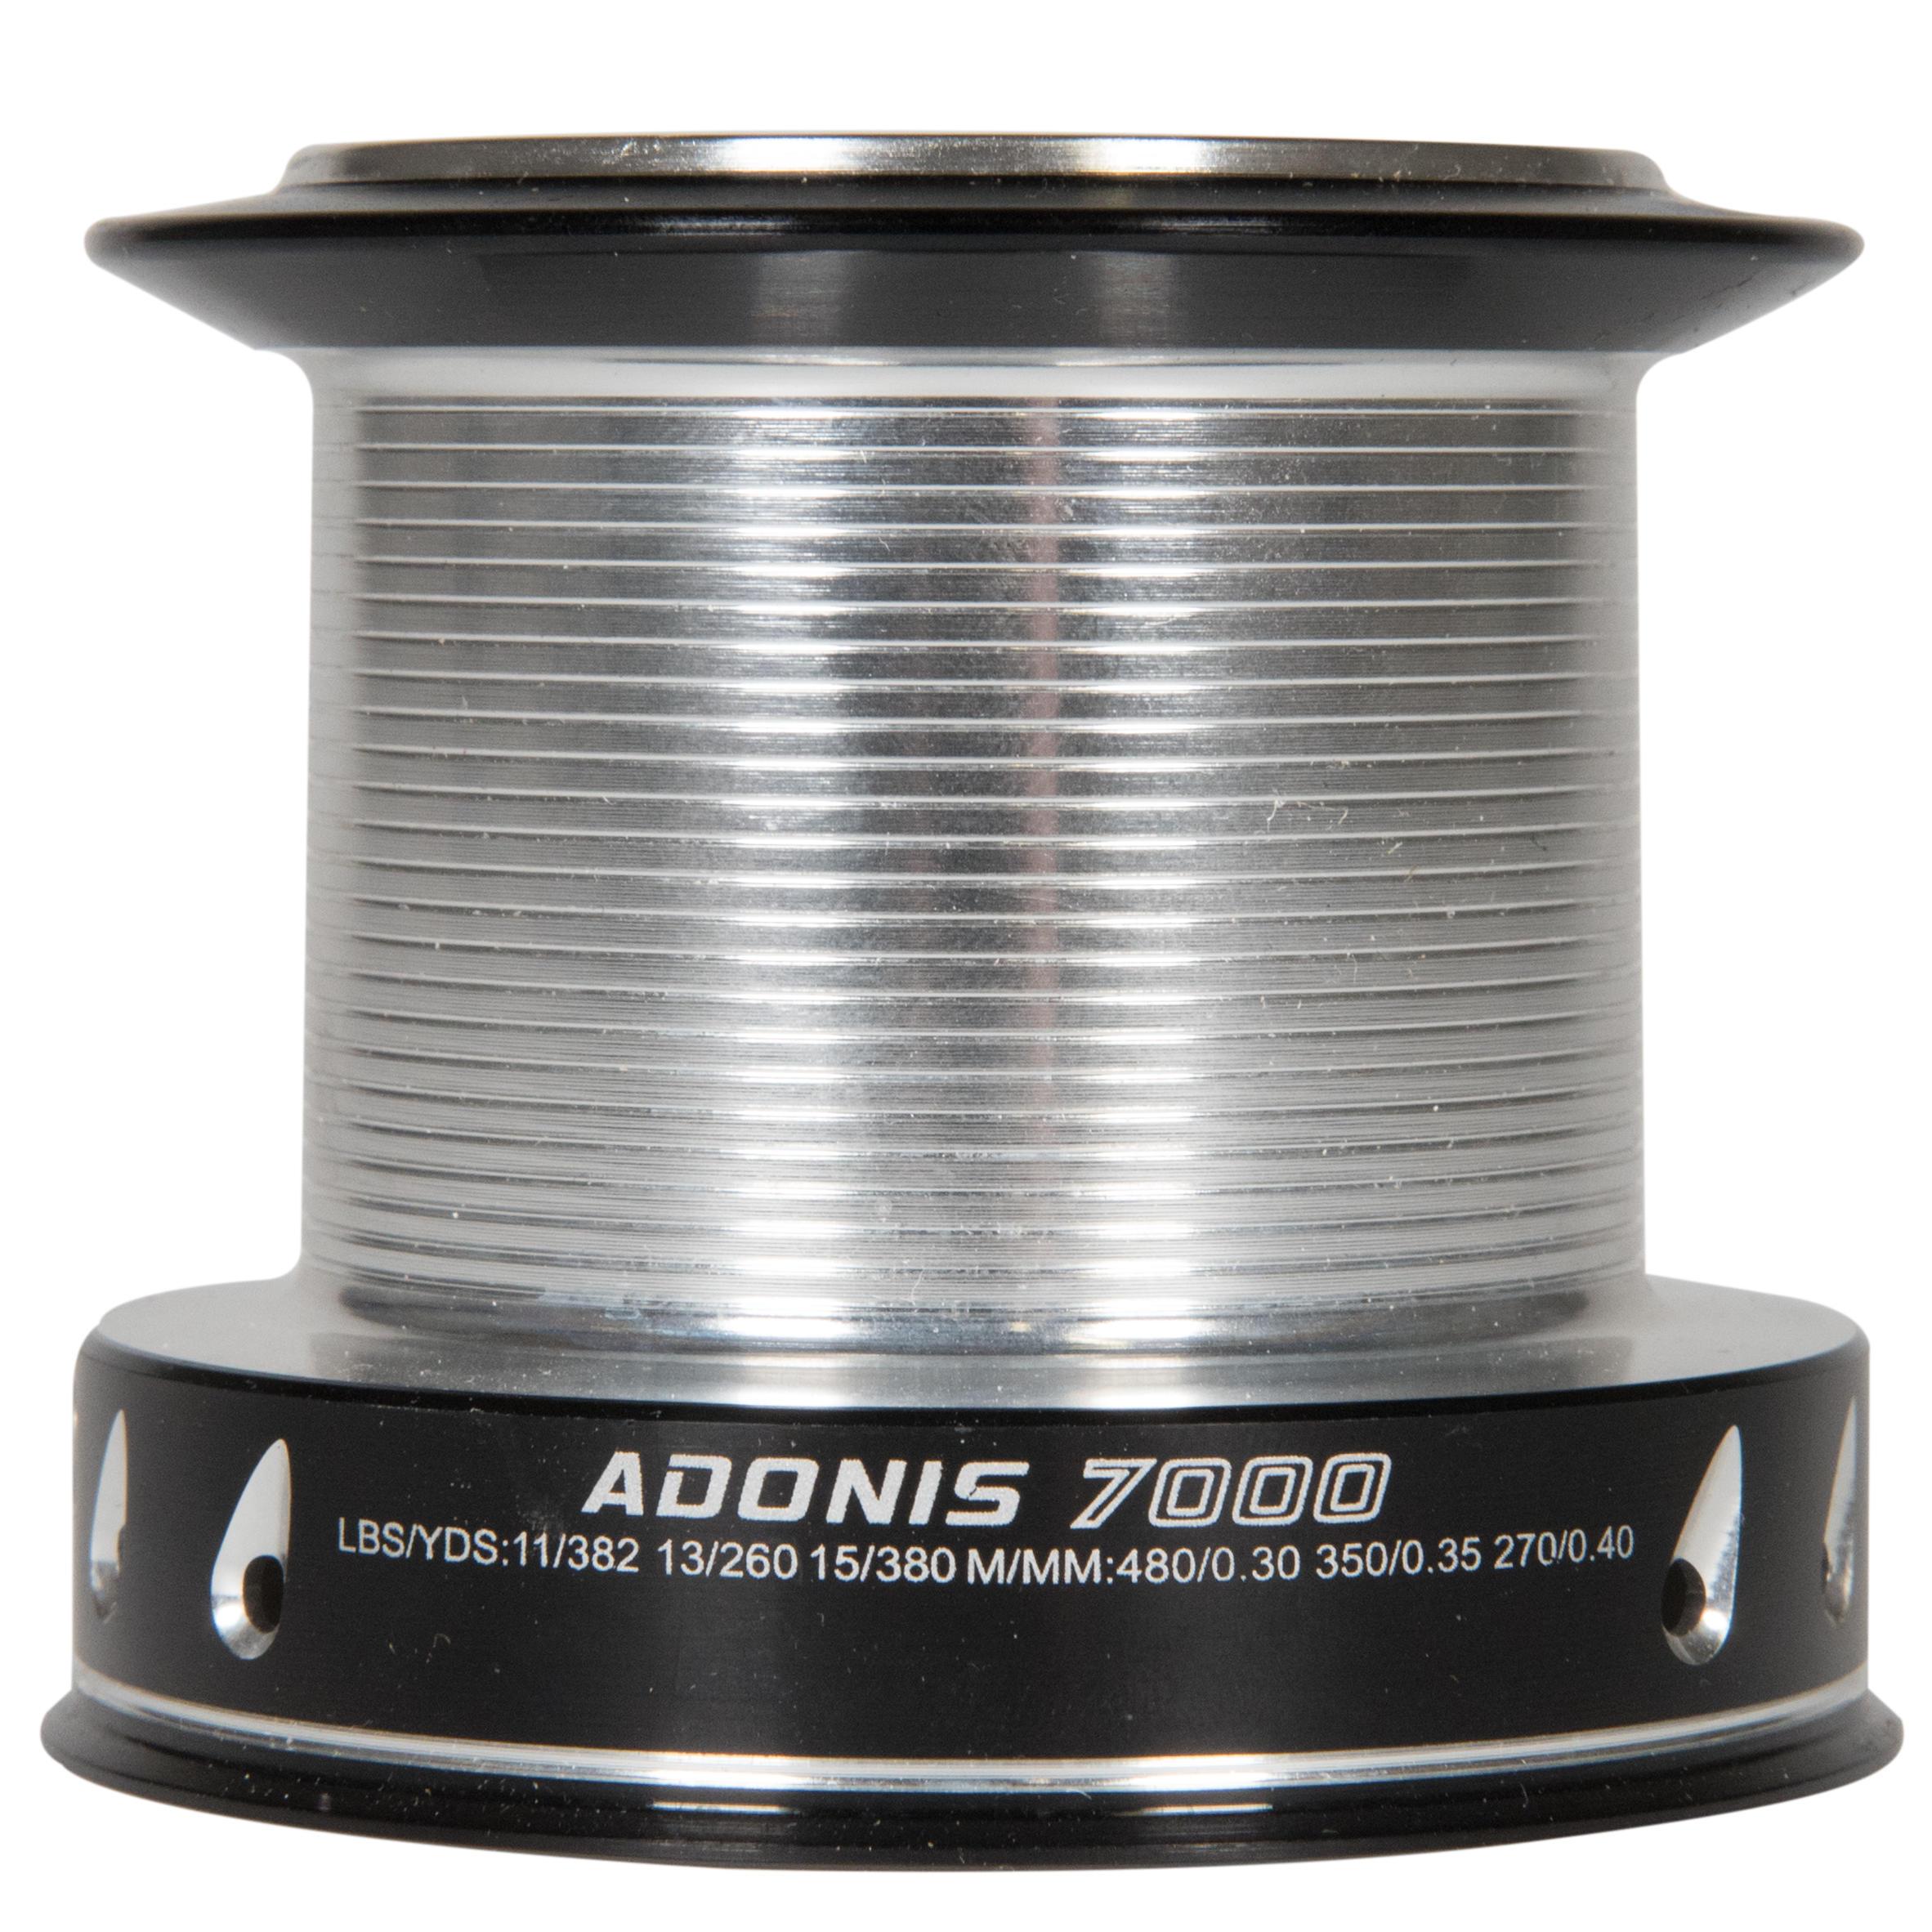 Tambur Adonis 7000